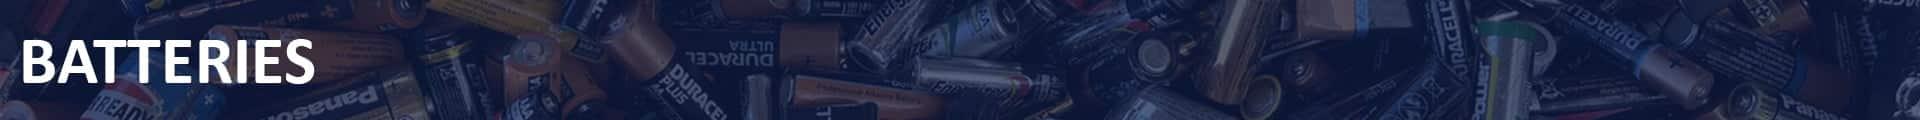 batteries banner 1